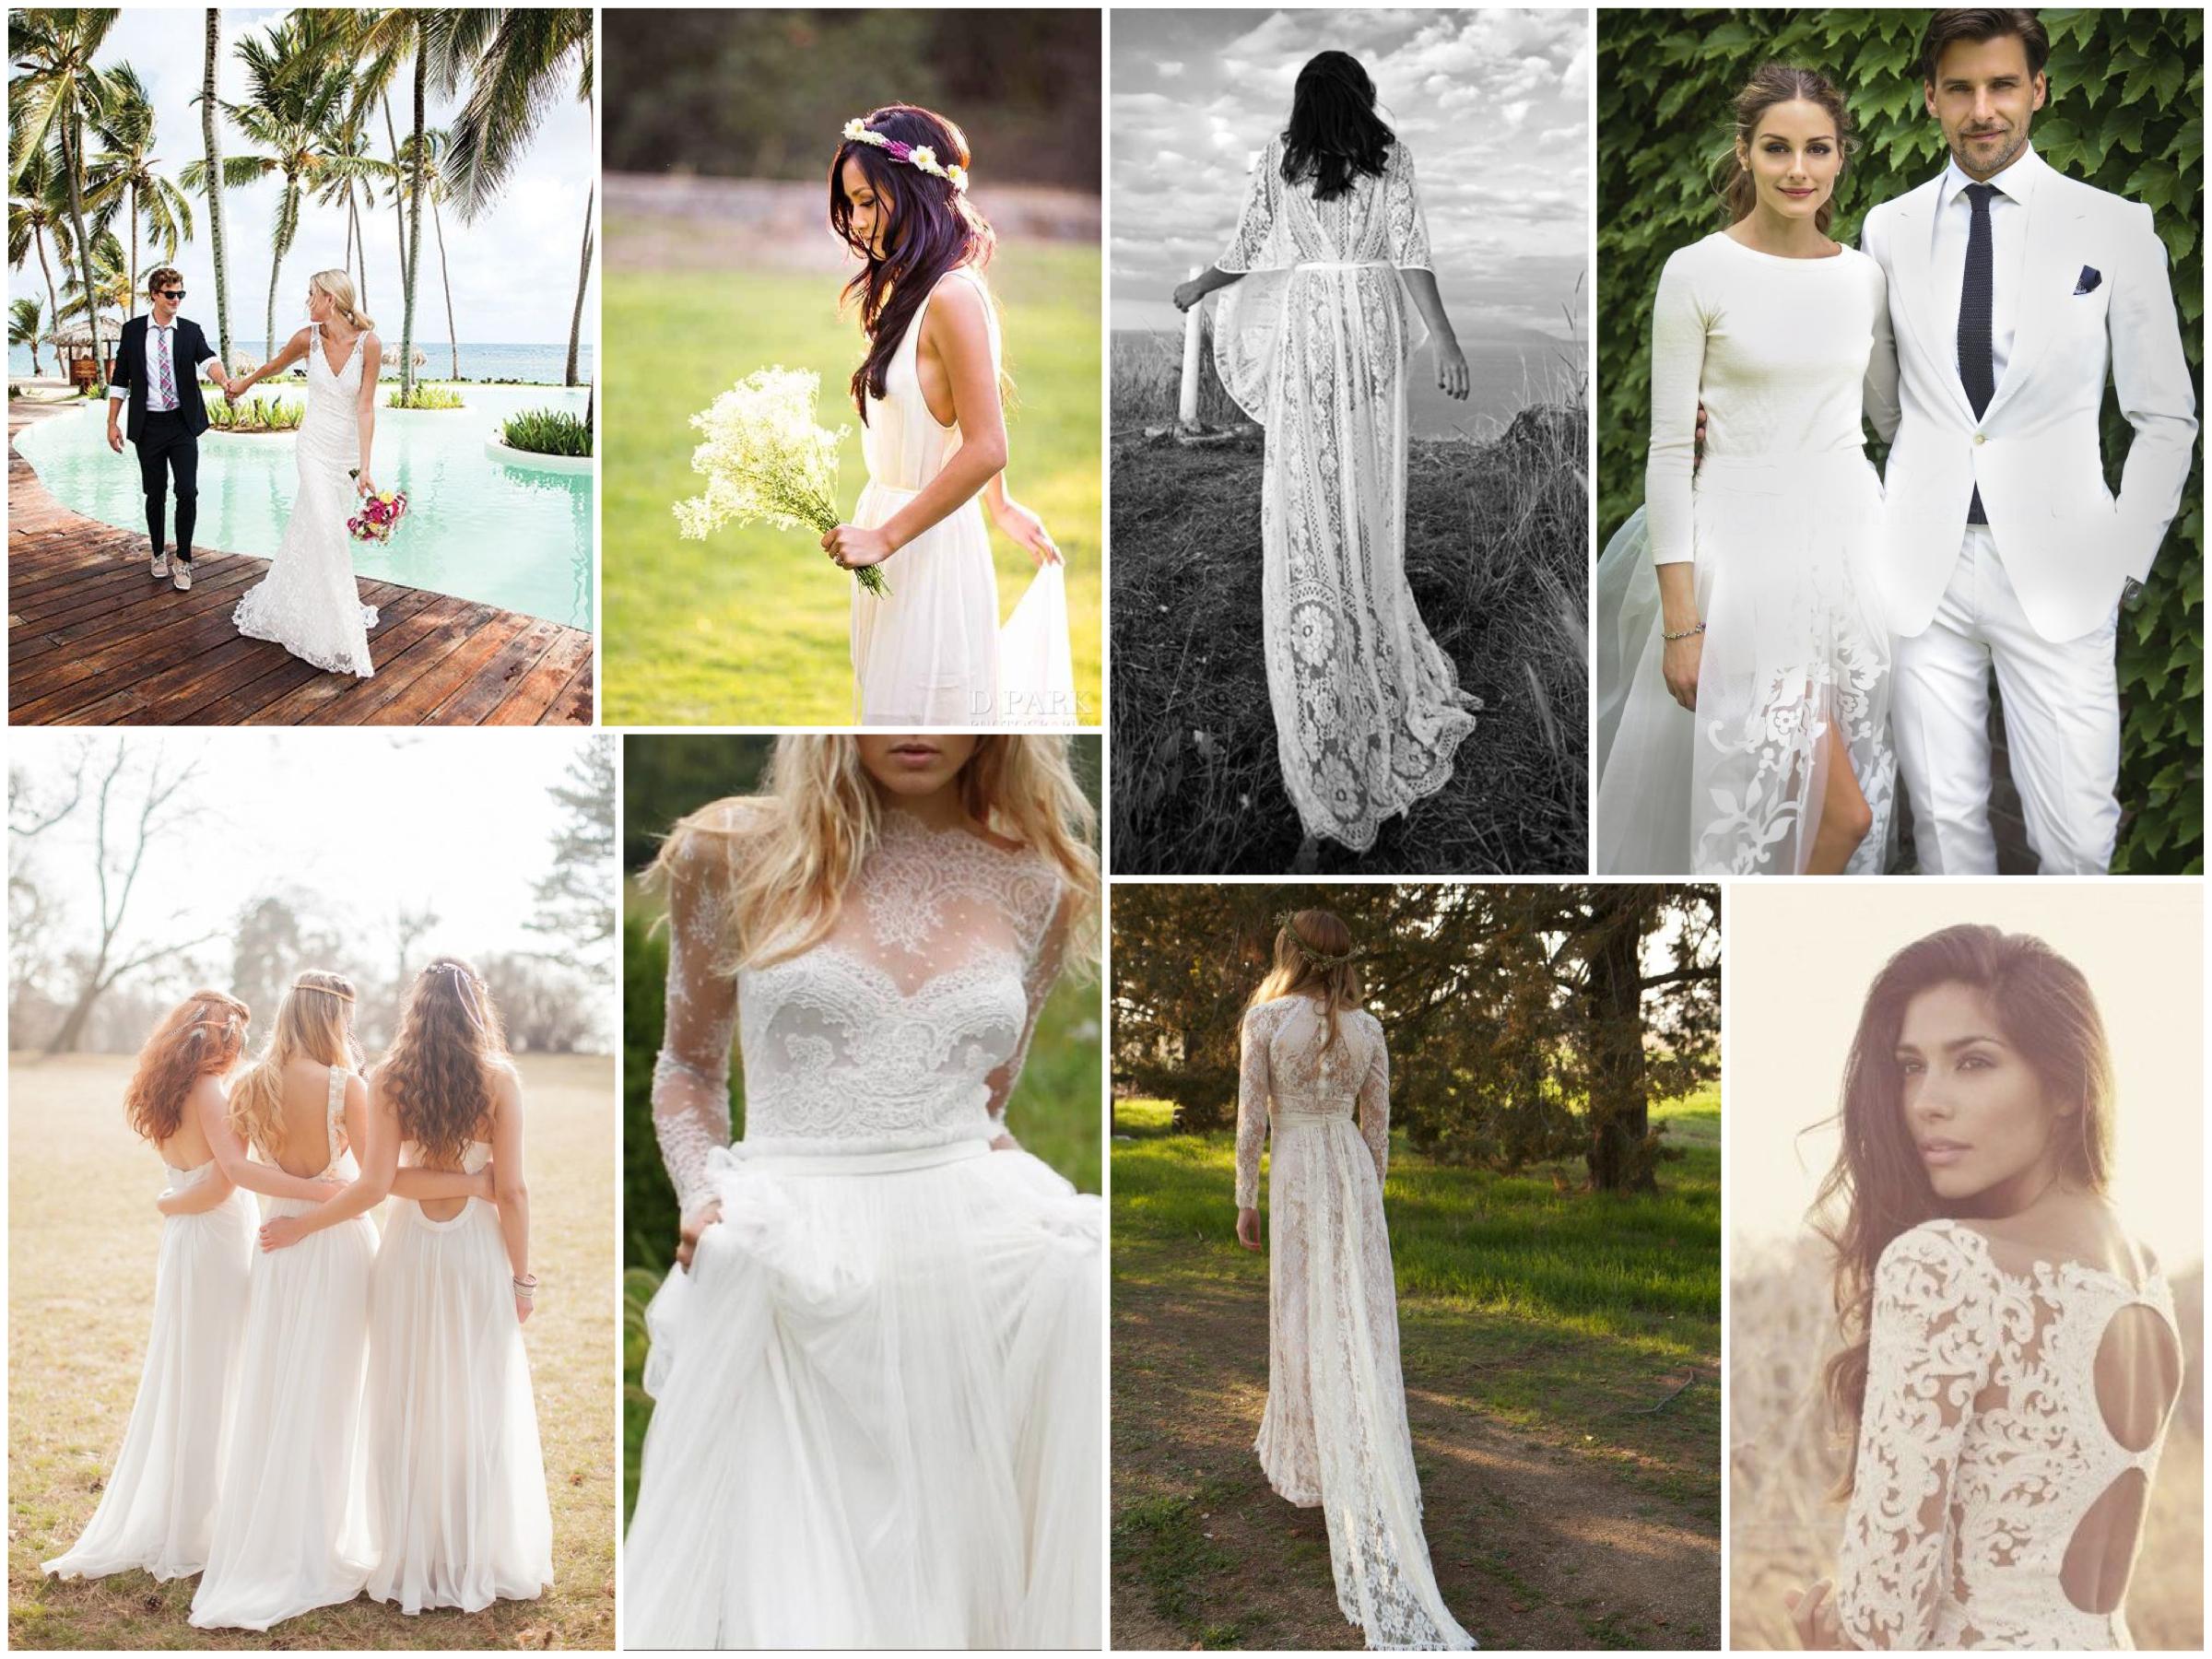 sömmerska bröllopsklänning stockholm